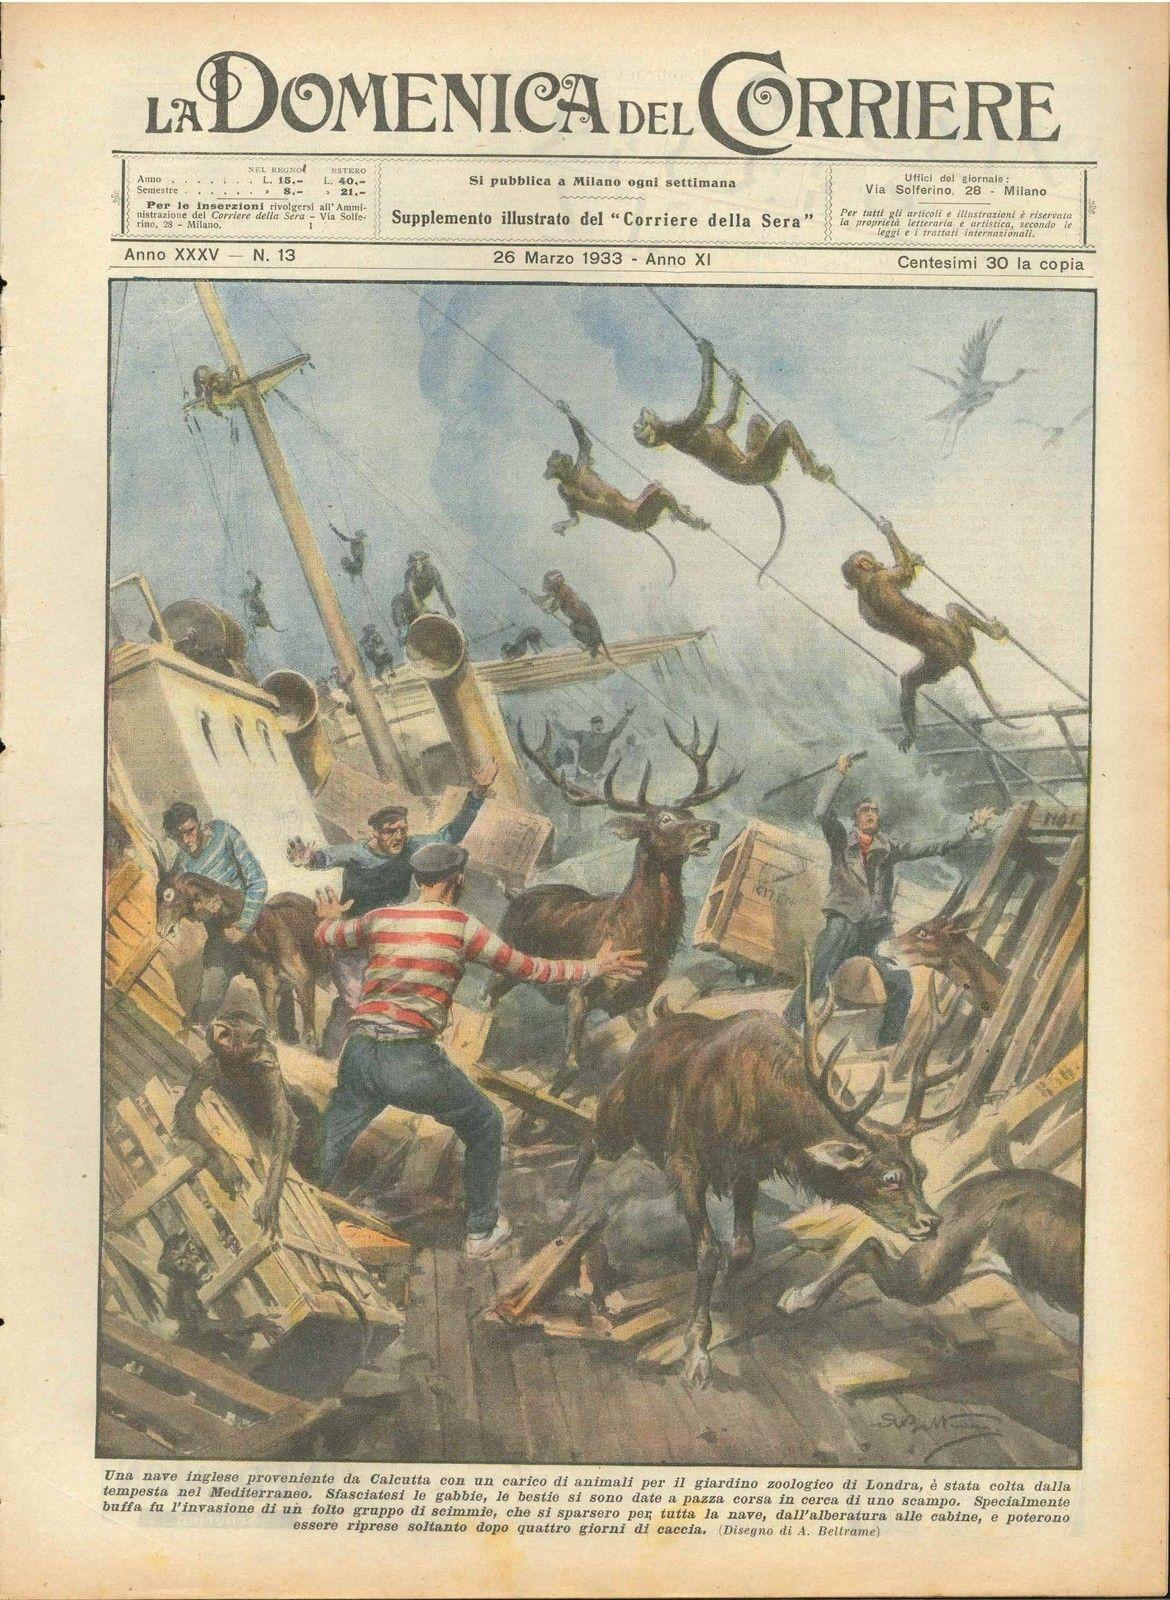 DOMENICA DEL CORRIERE N° 13 - 26 MARZO 1933 - ILL.  A. BELTRAME